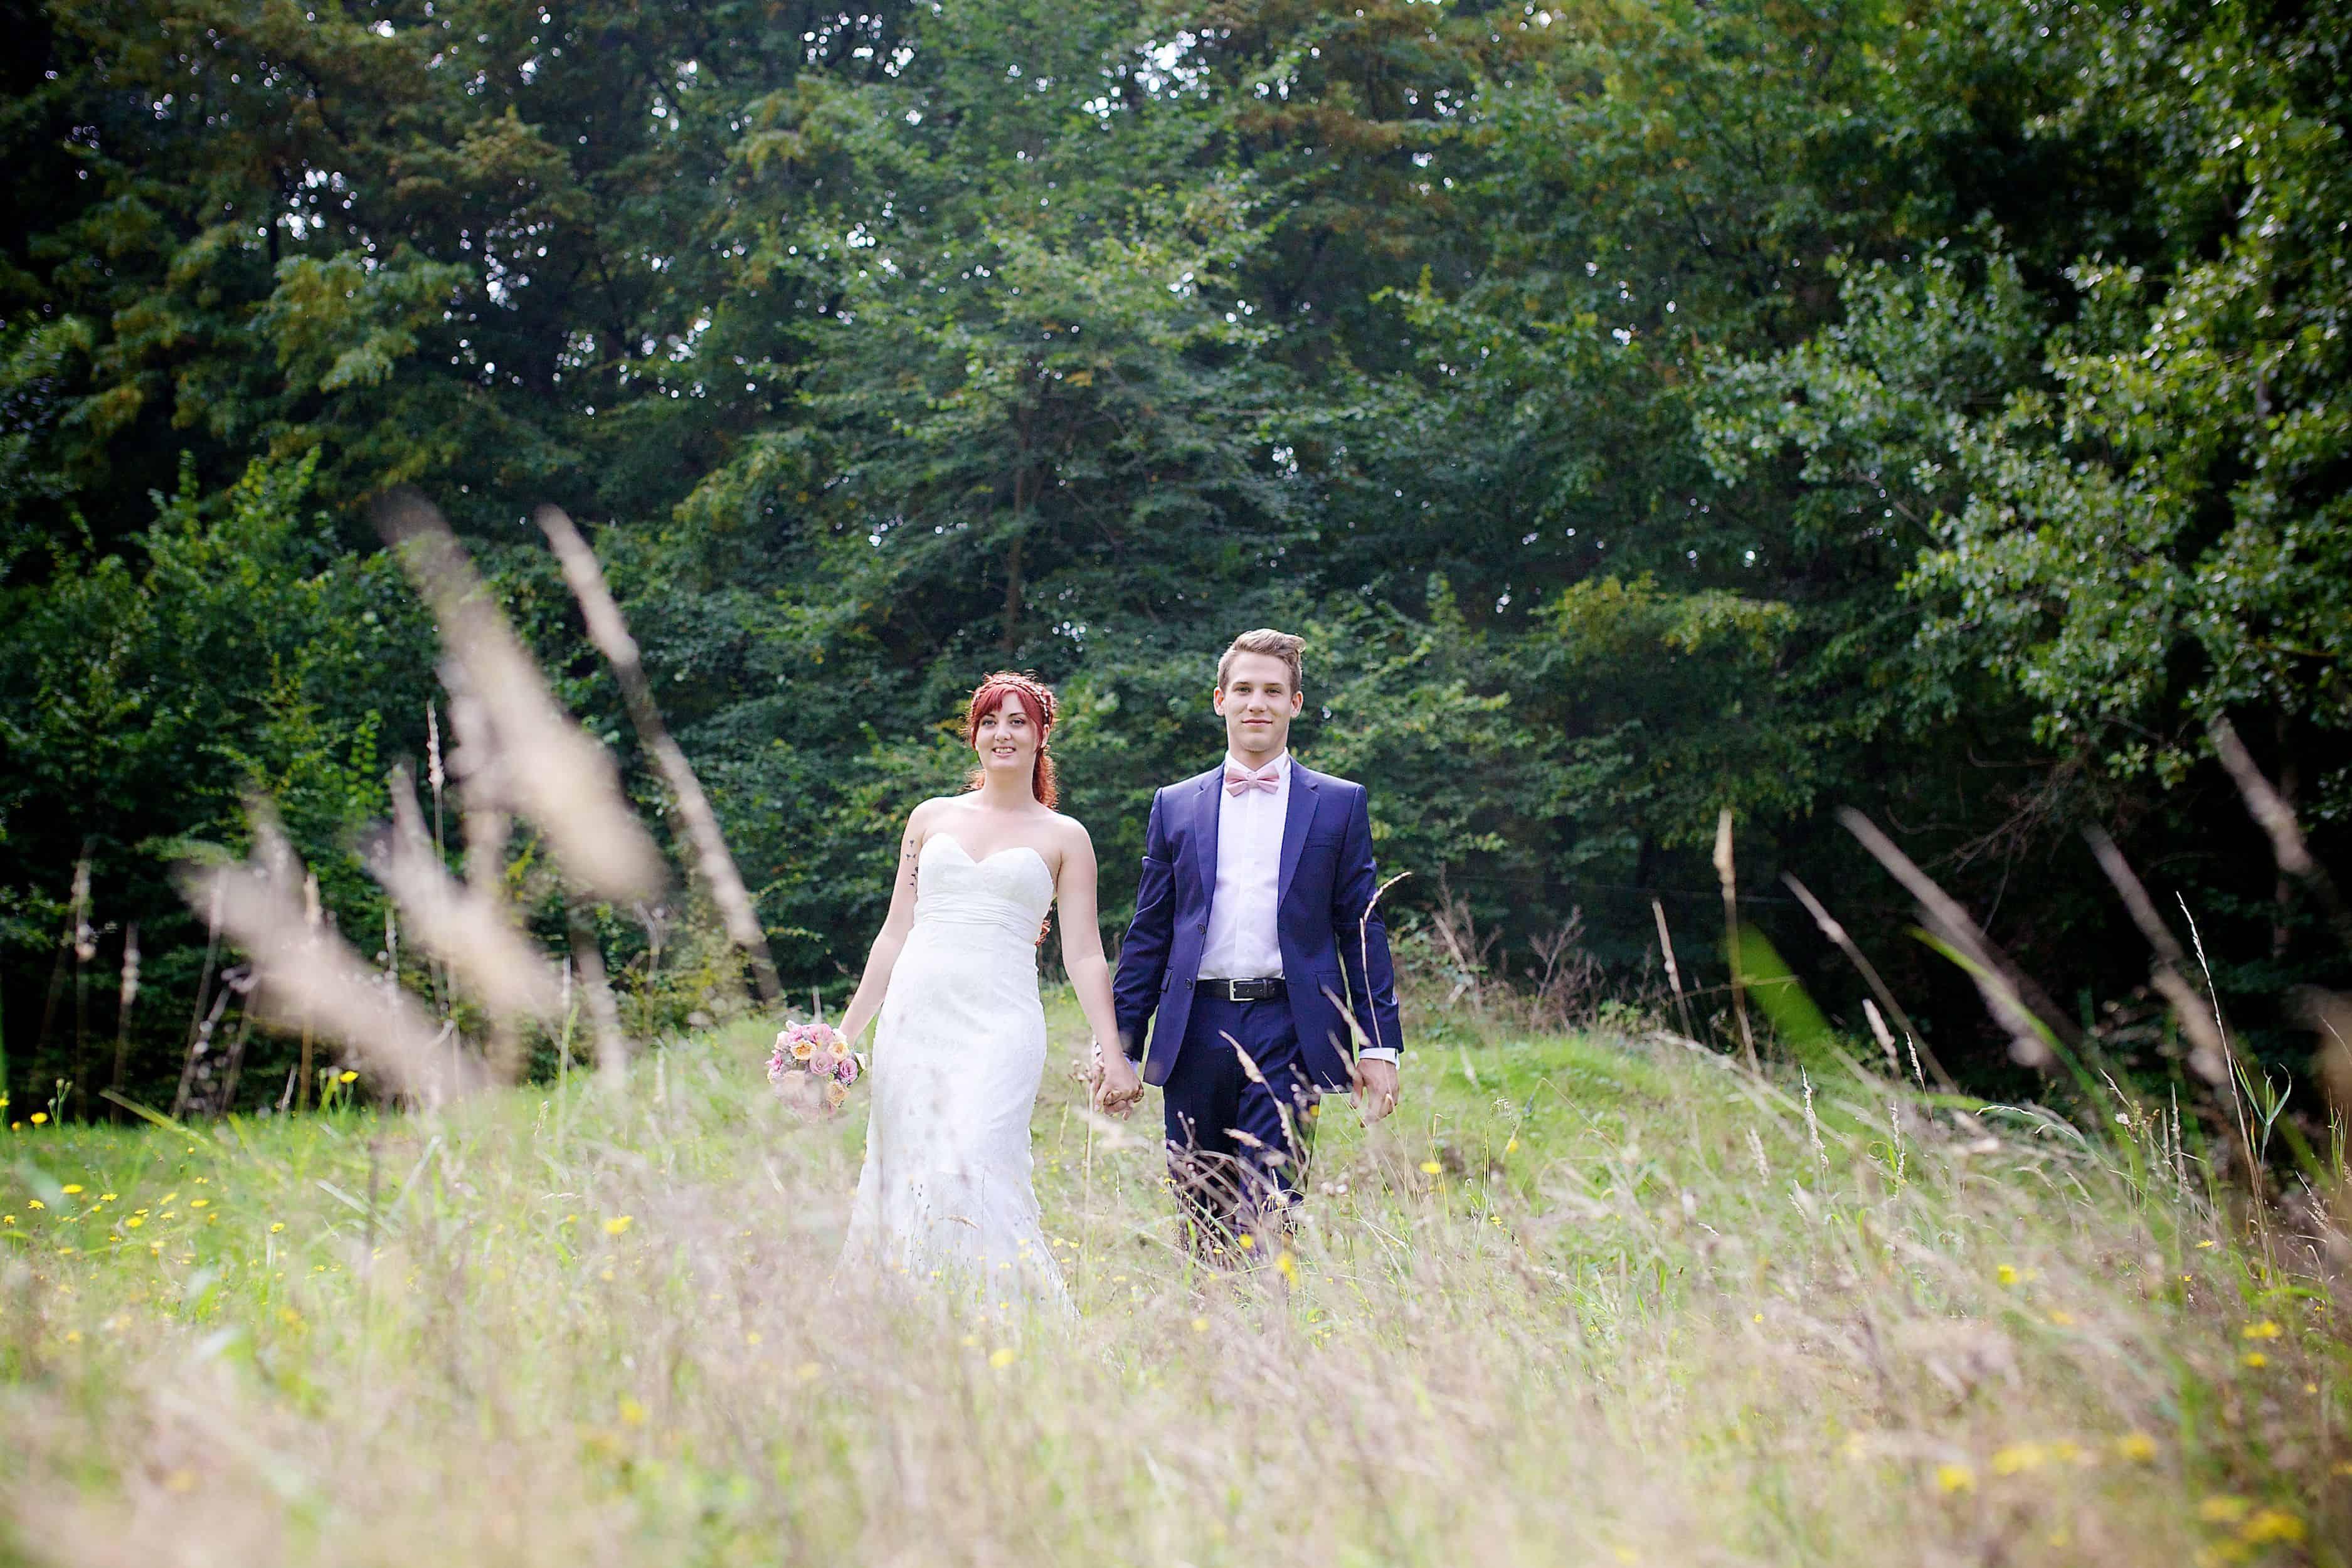 Le mariage de Mélanie et Valentin – vintage et coloré